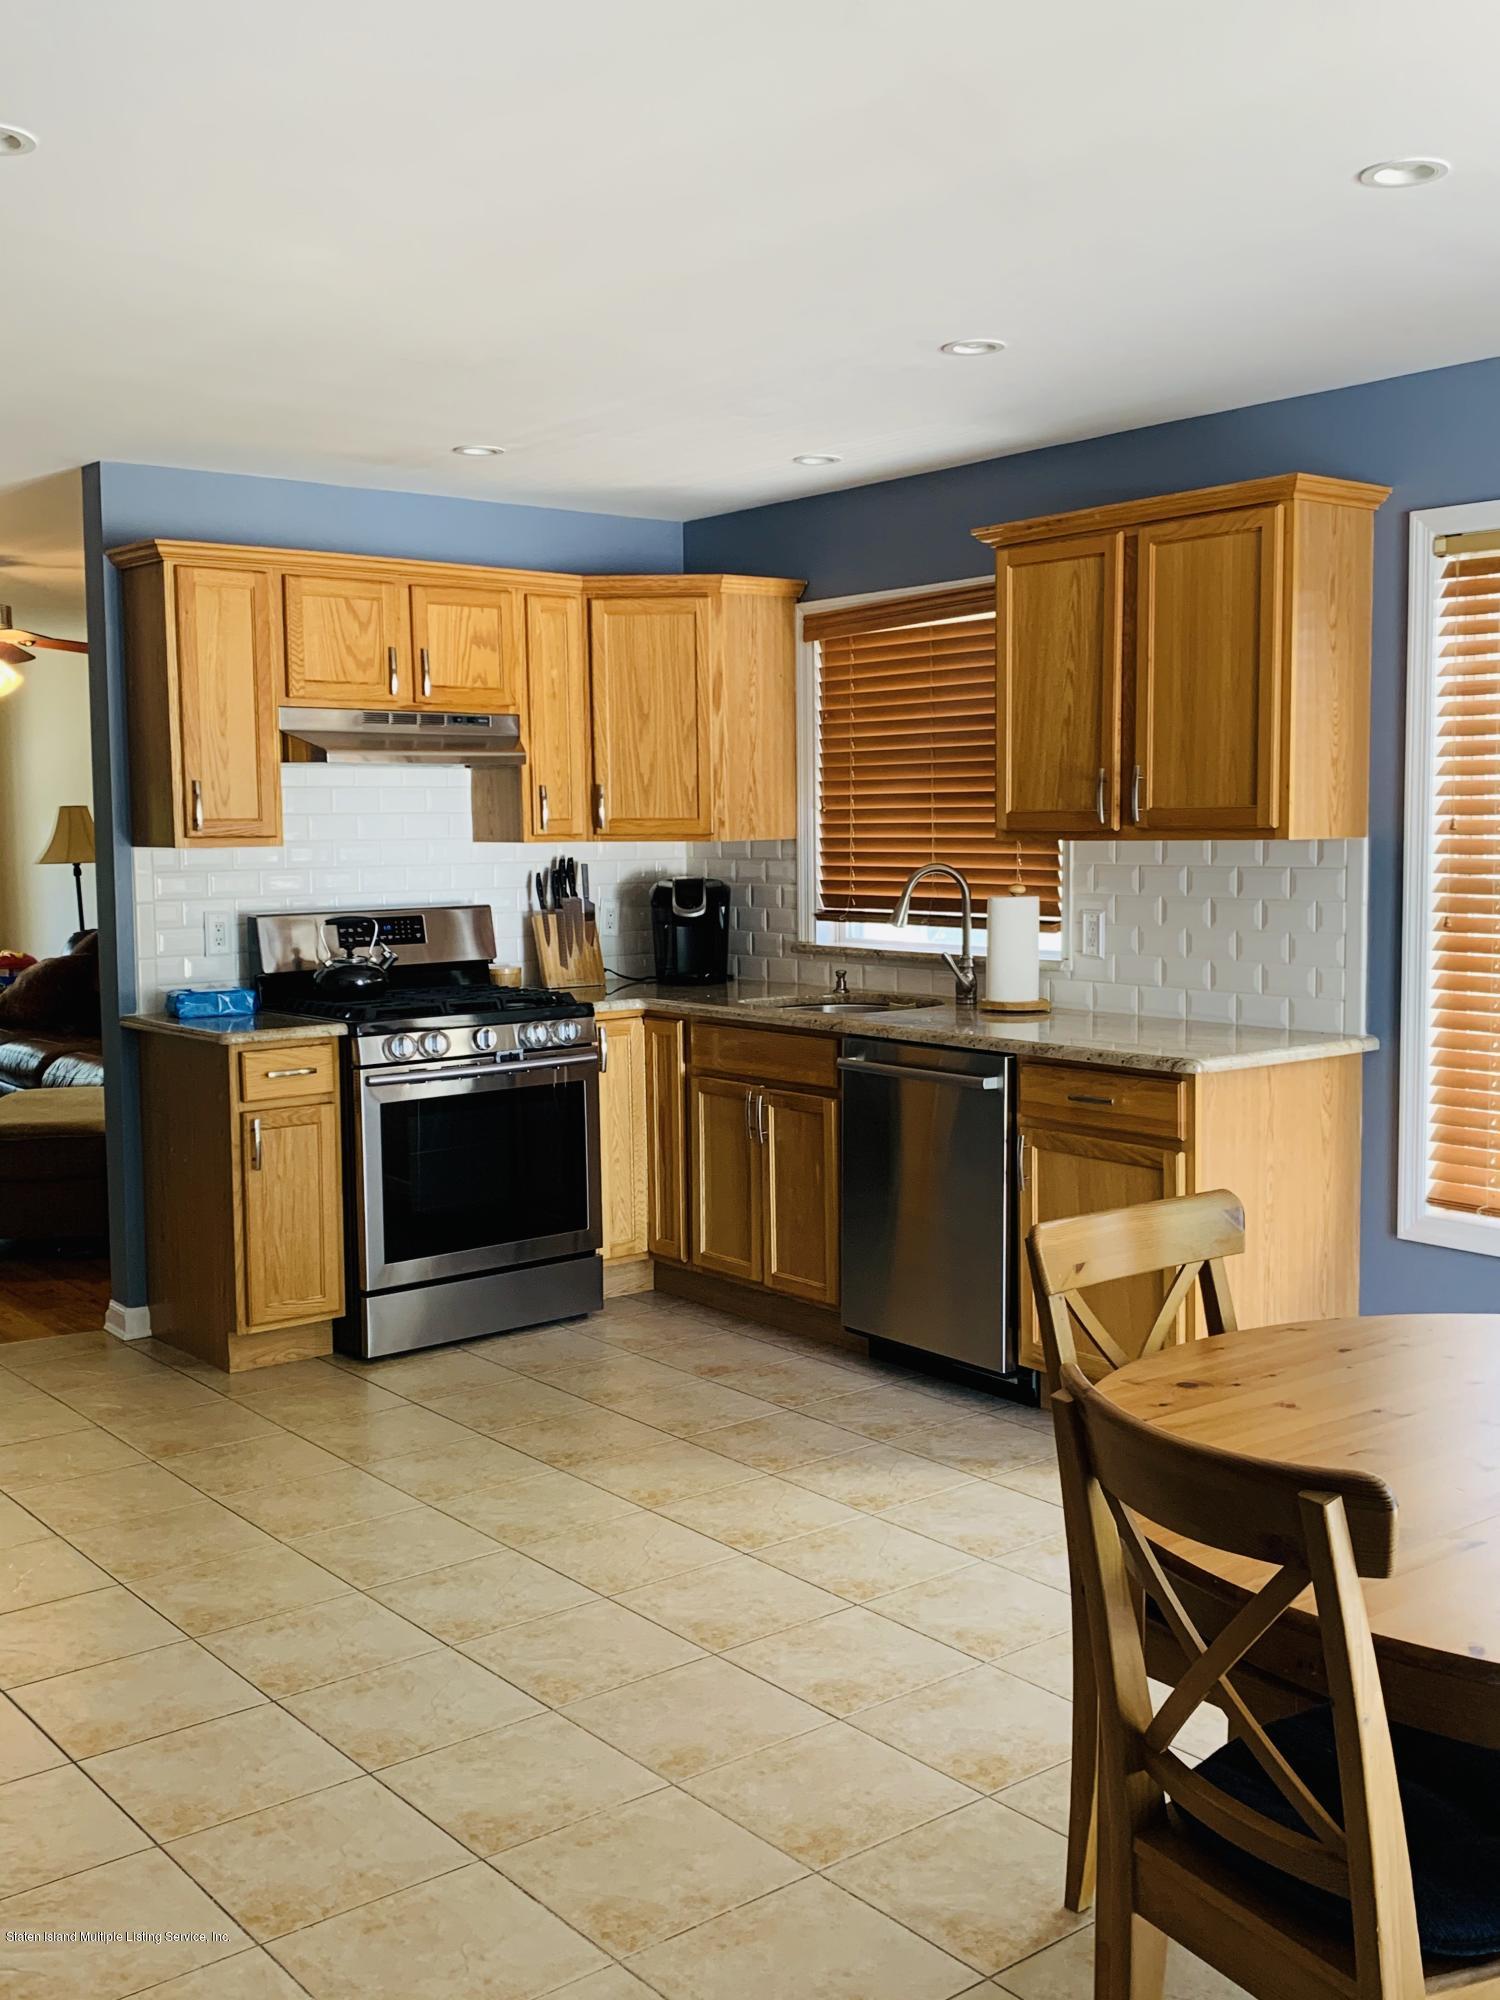 Single Family - Semi-Attached 321 Cary Avenue  Staten Island, NY 10310, MLS-1137236-6